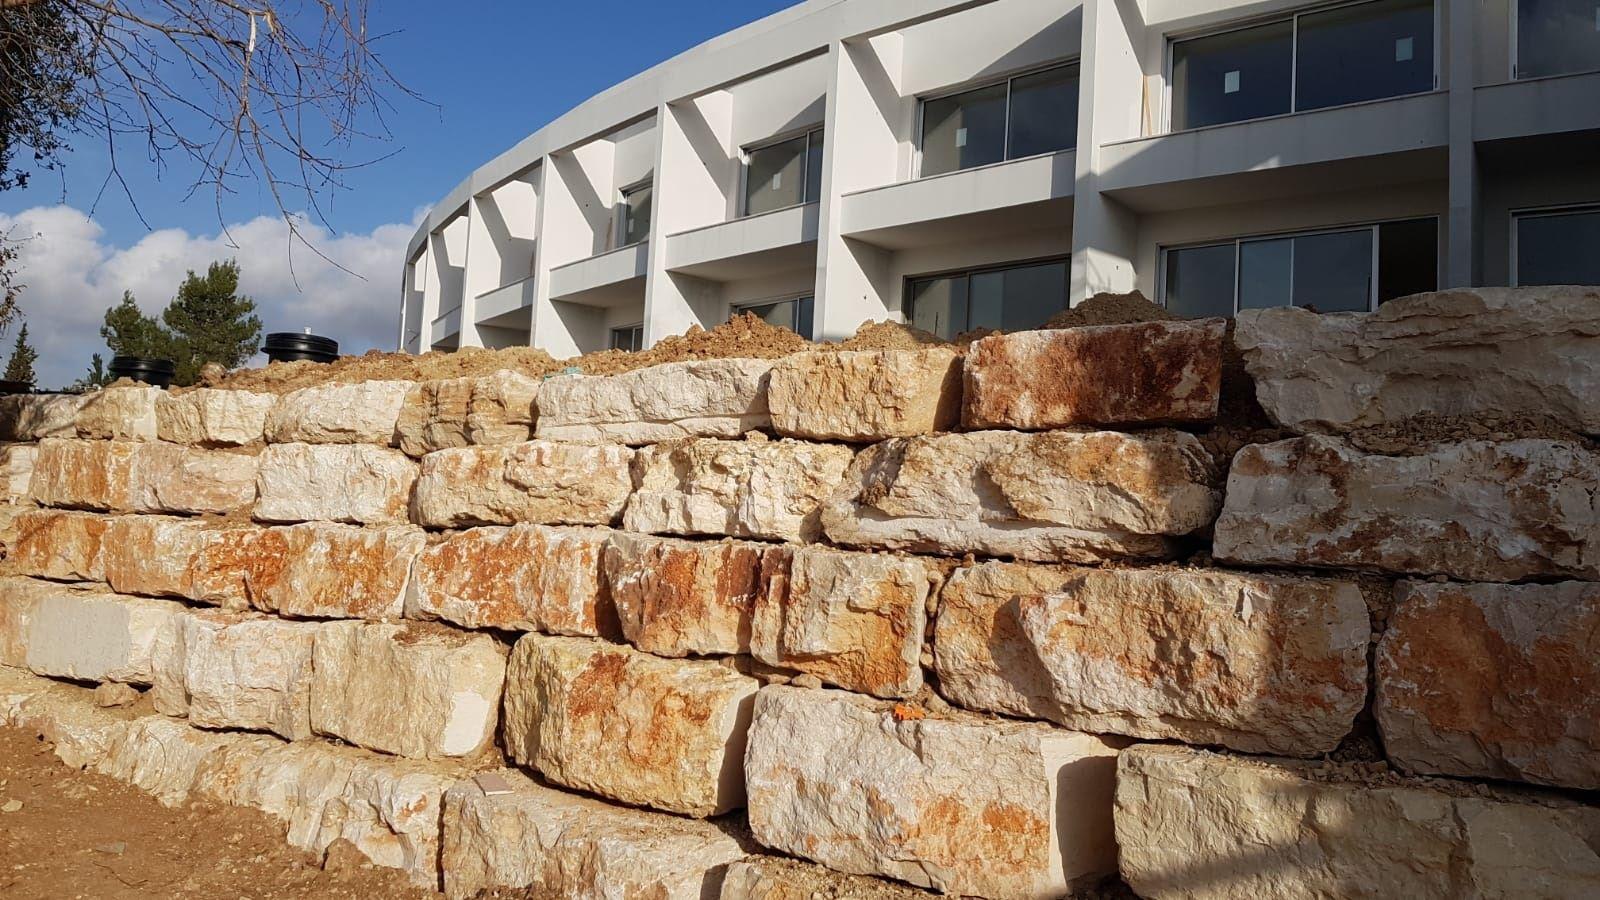 מלון הלמונד, נווה אילן תמונה מספר 4